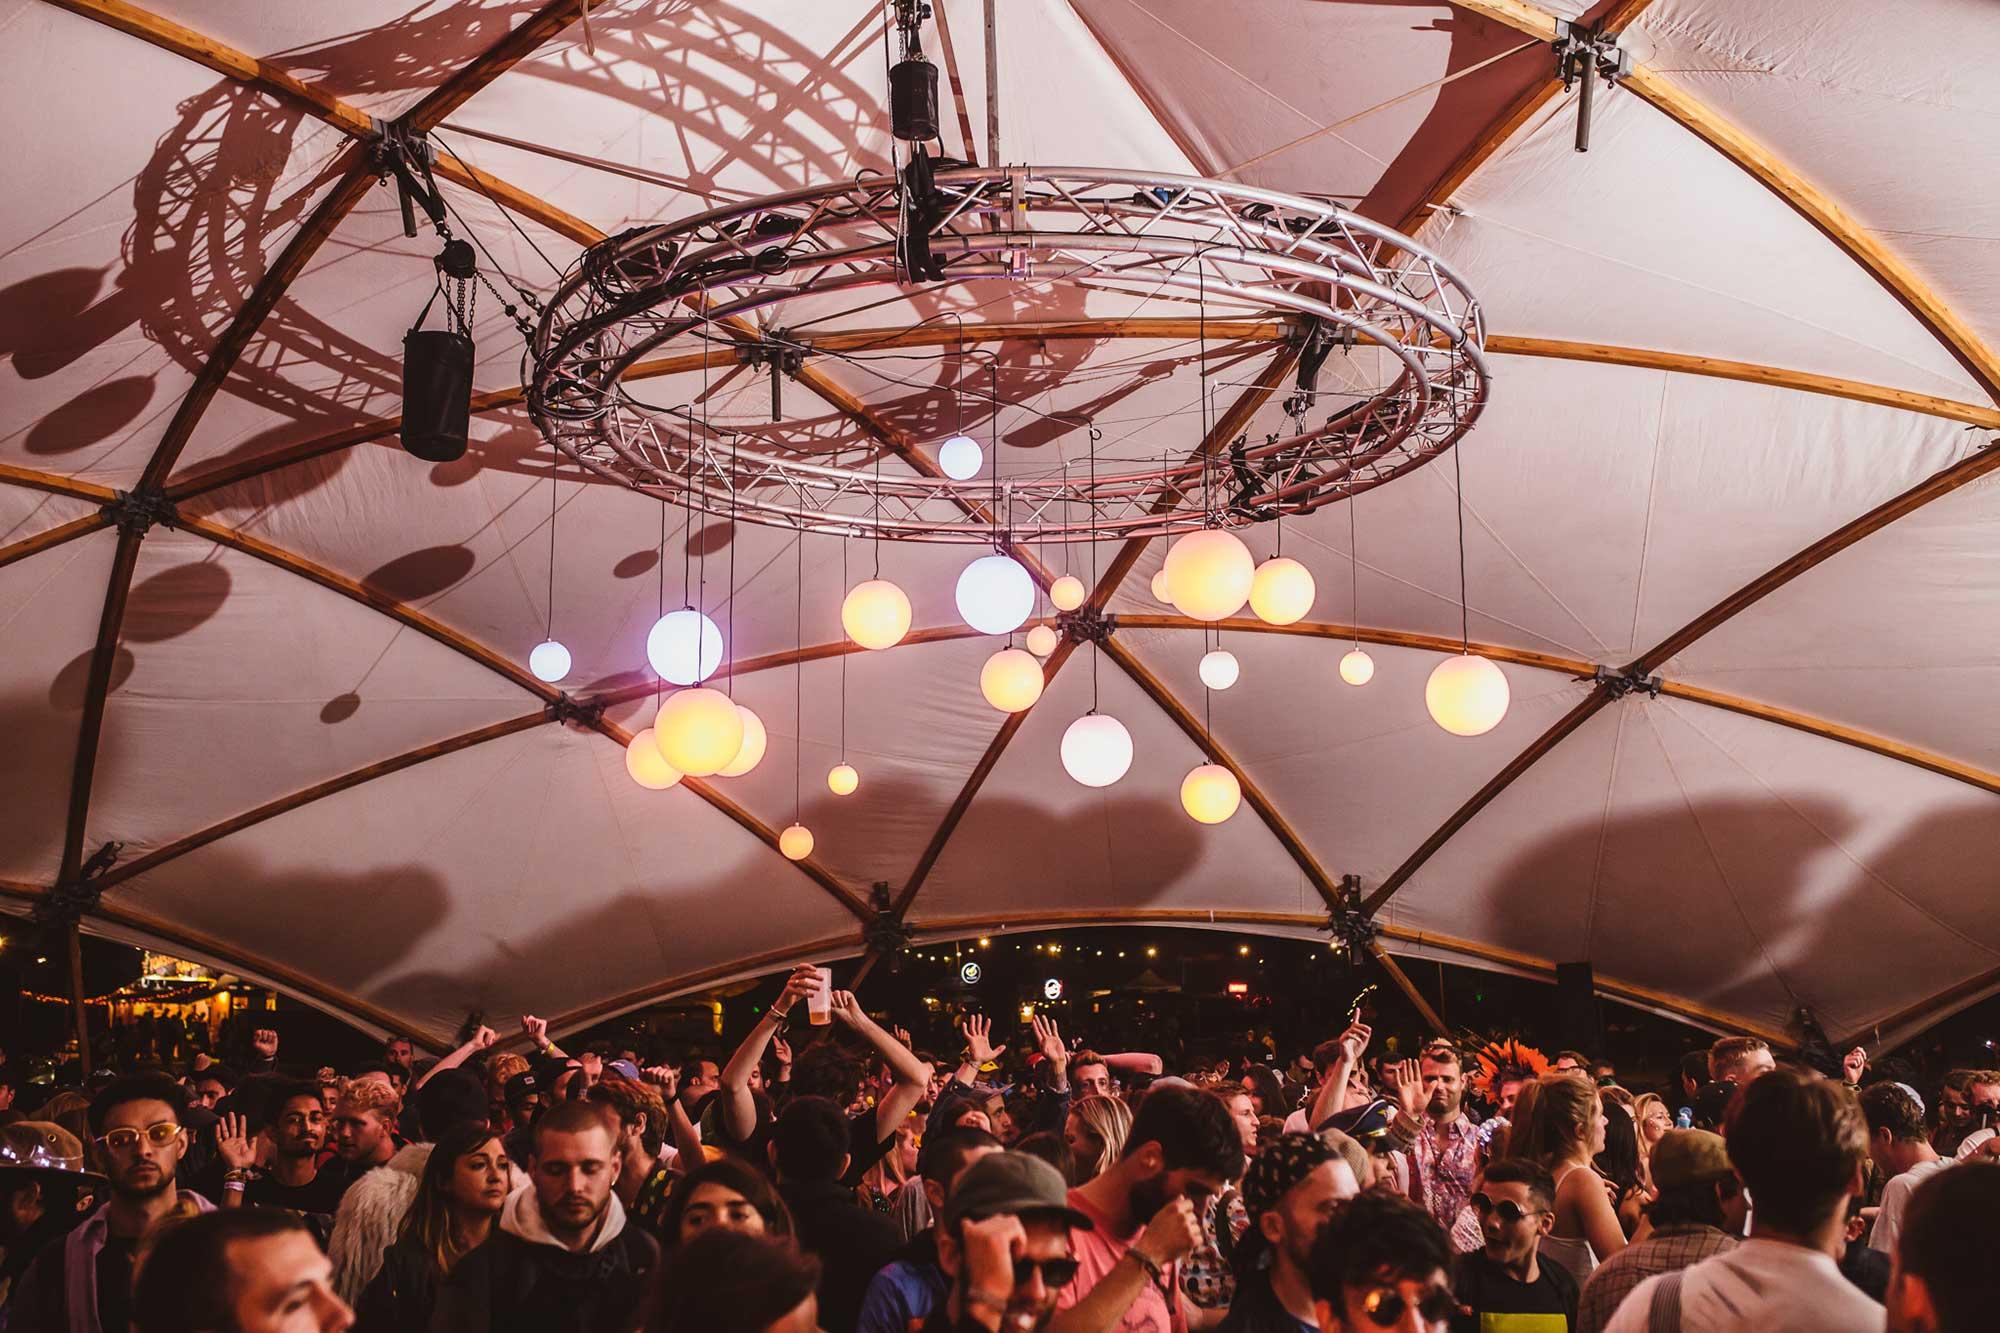 houghton-festival-norfolk-2018.jpg